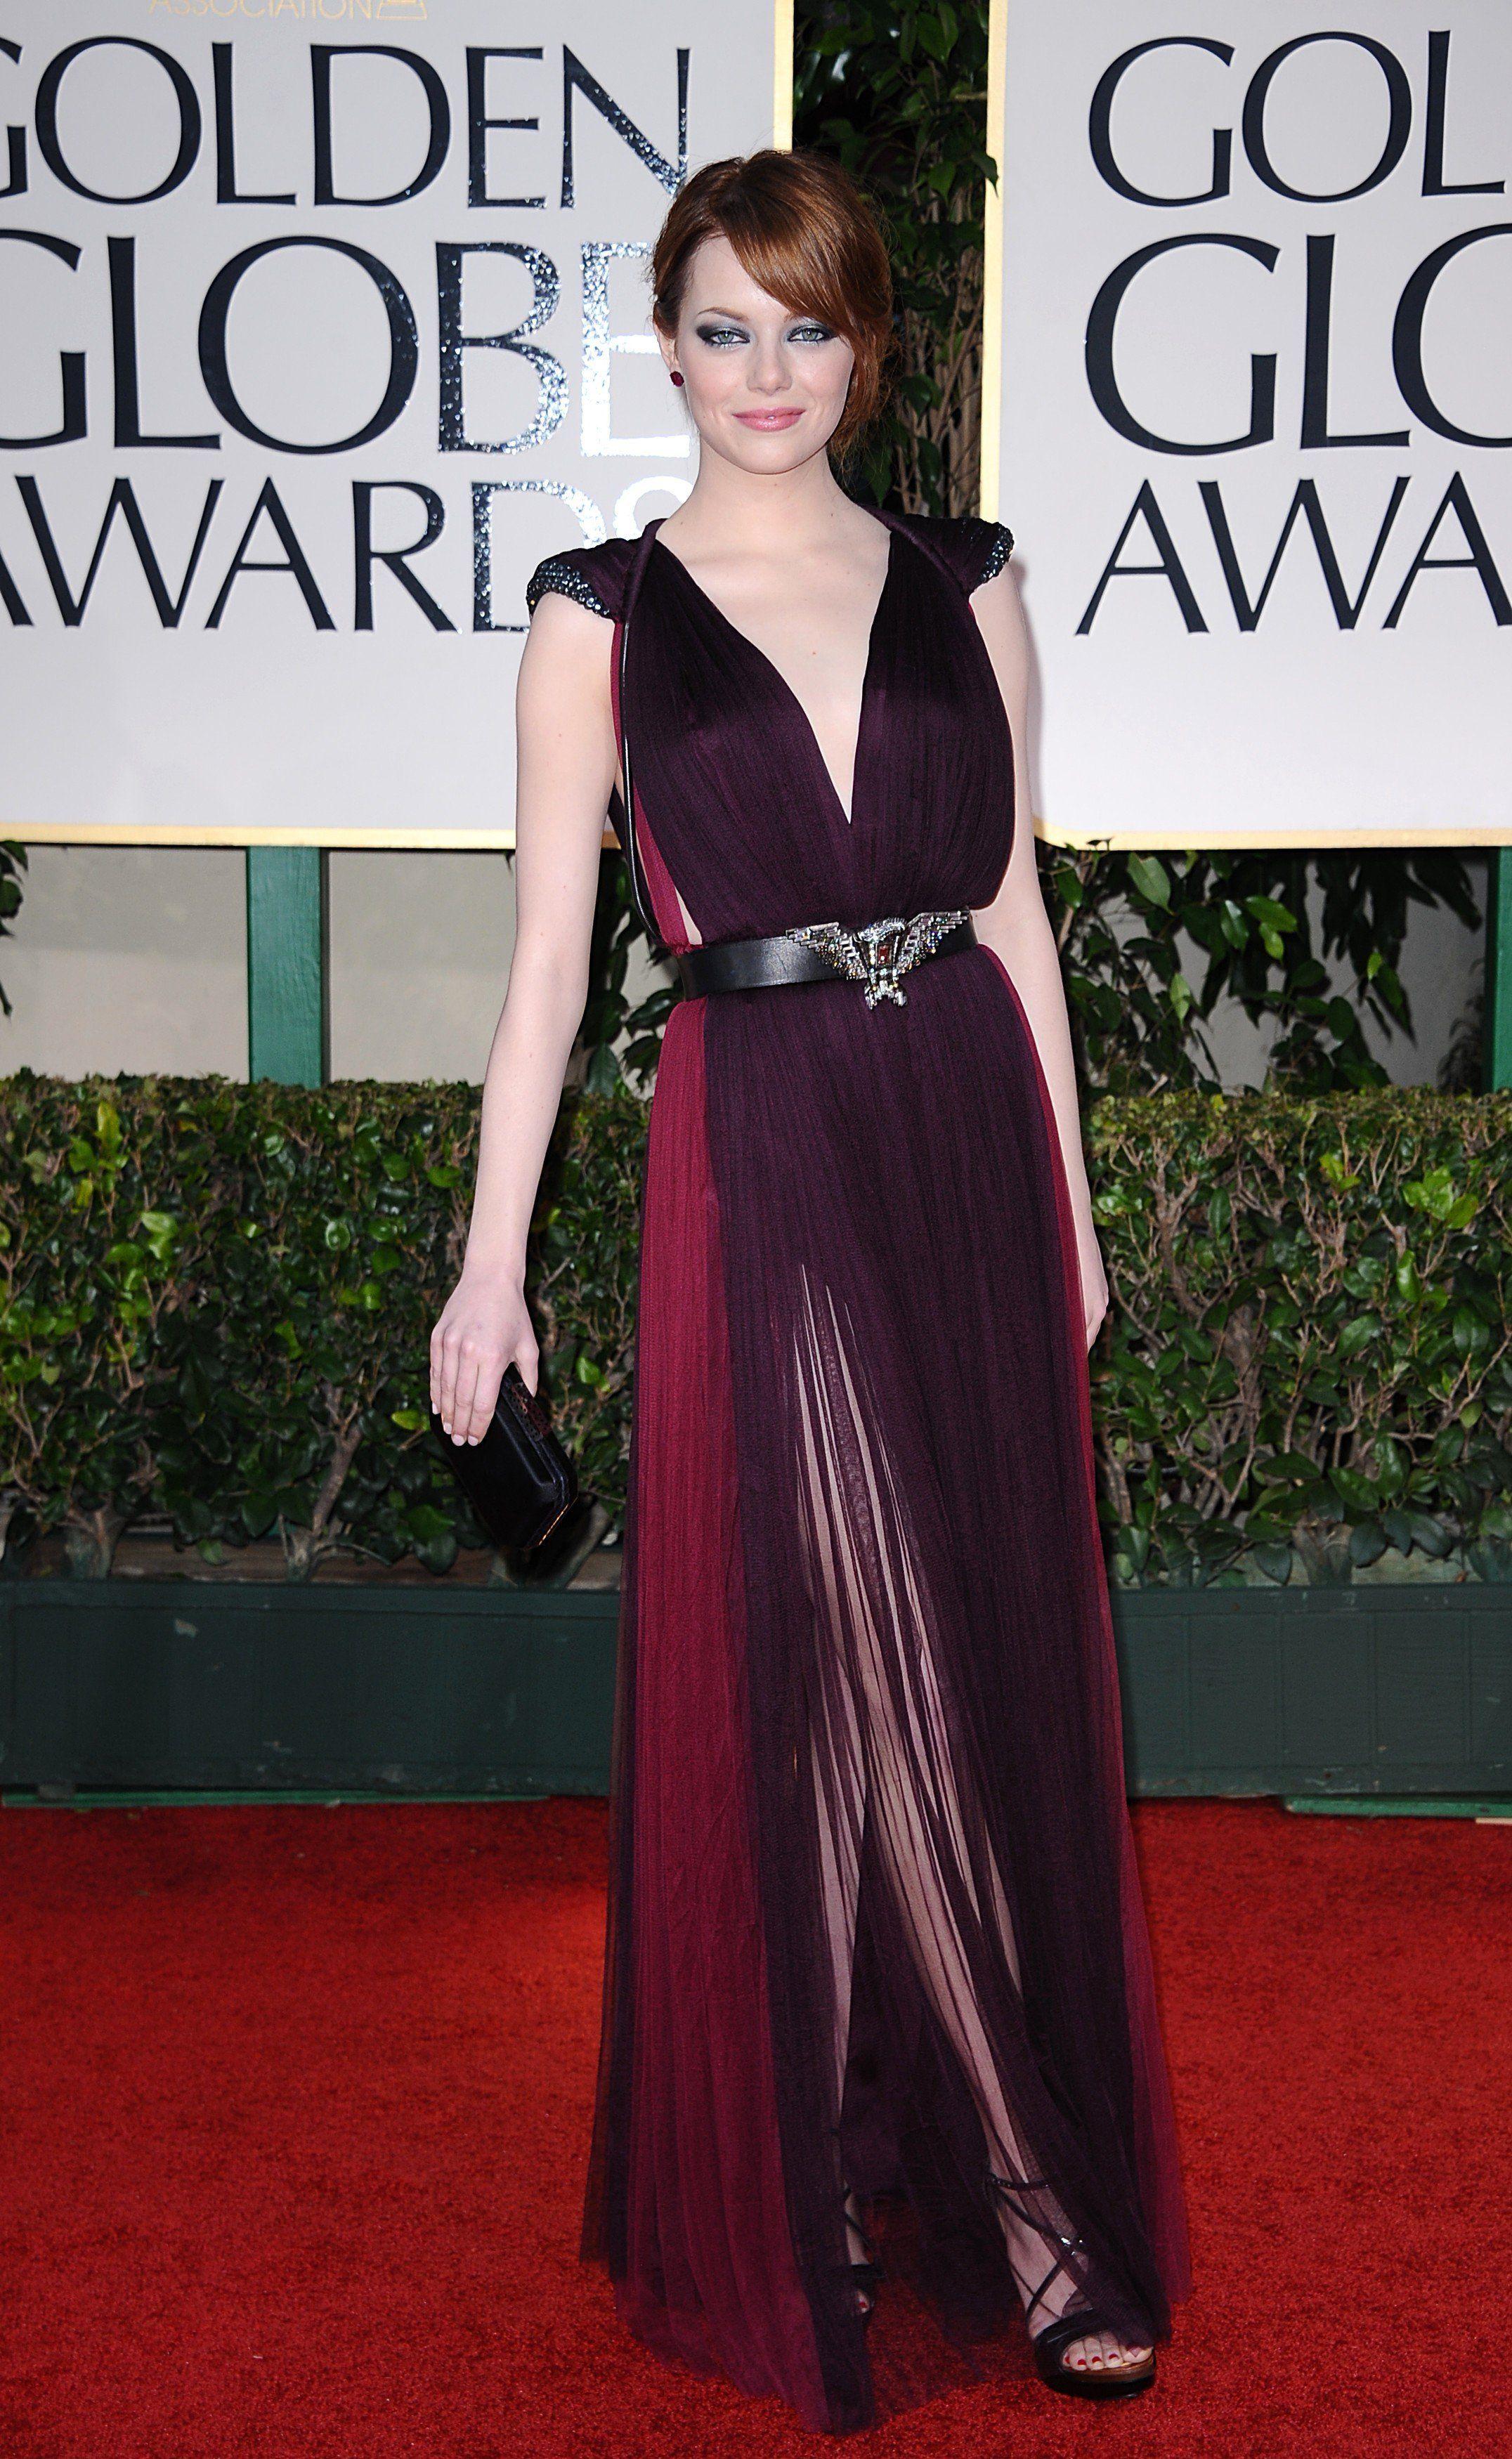 2012 Golden Globes Best Dressed | Glimmer & Shimmer  Emma Stone Golden Globes